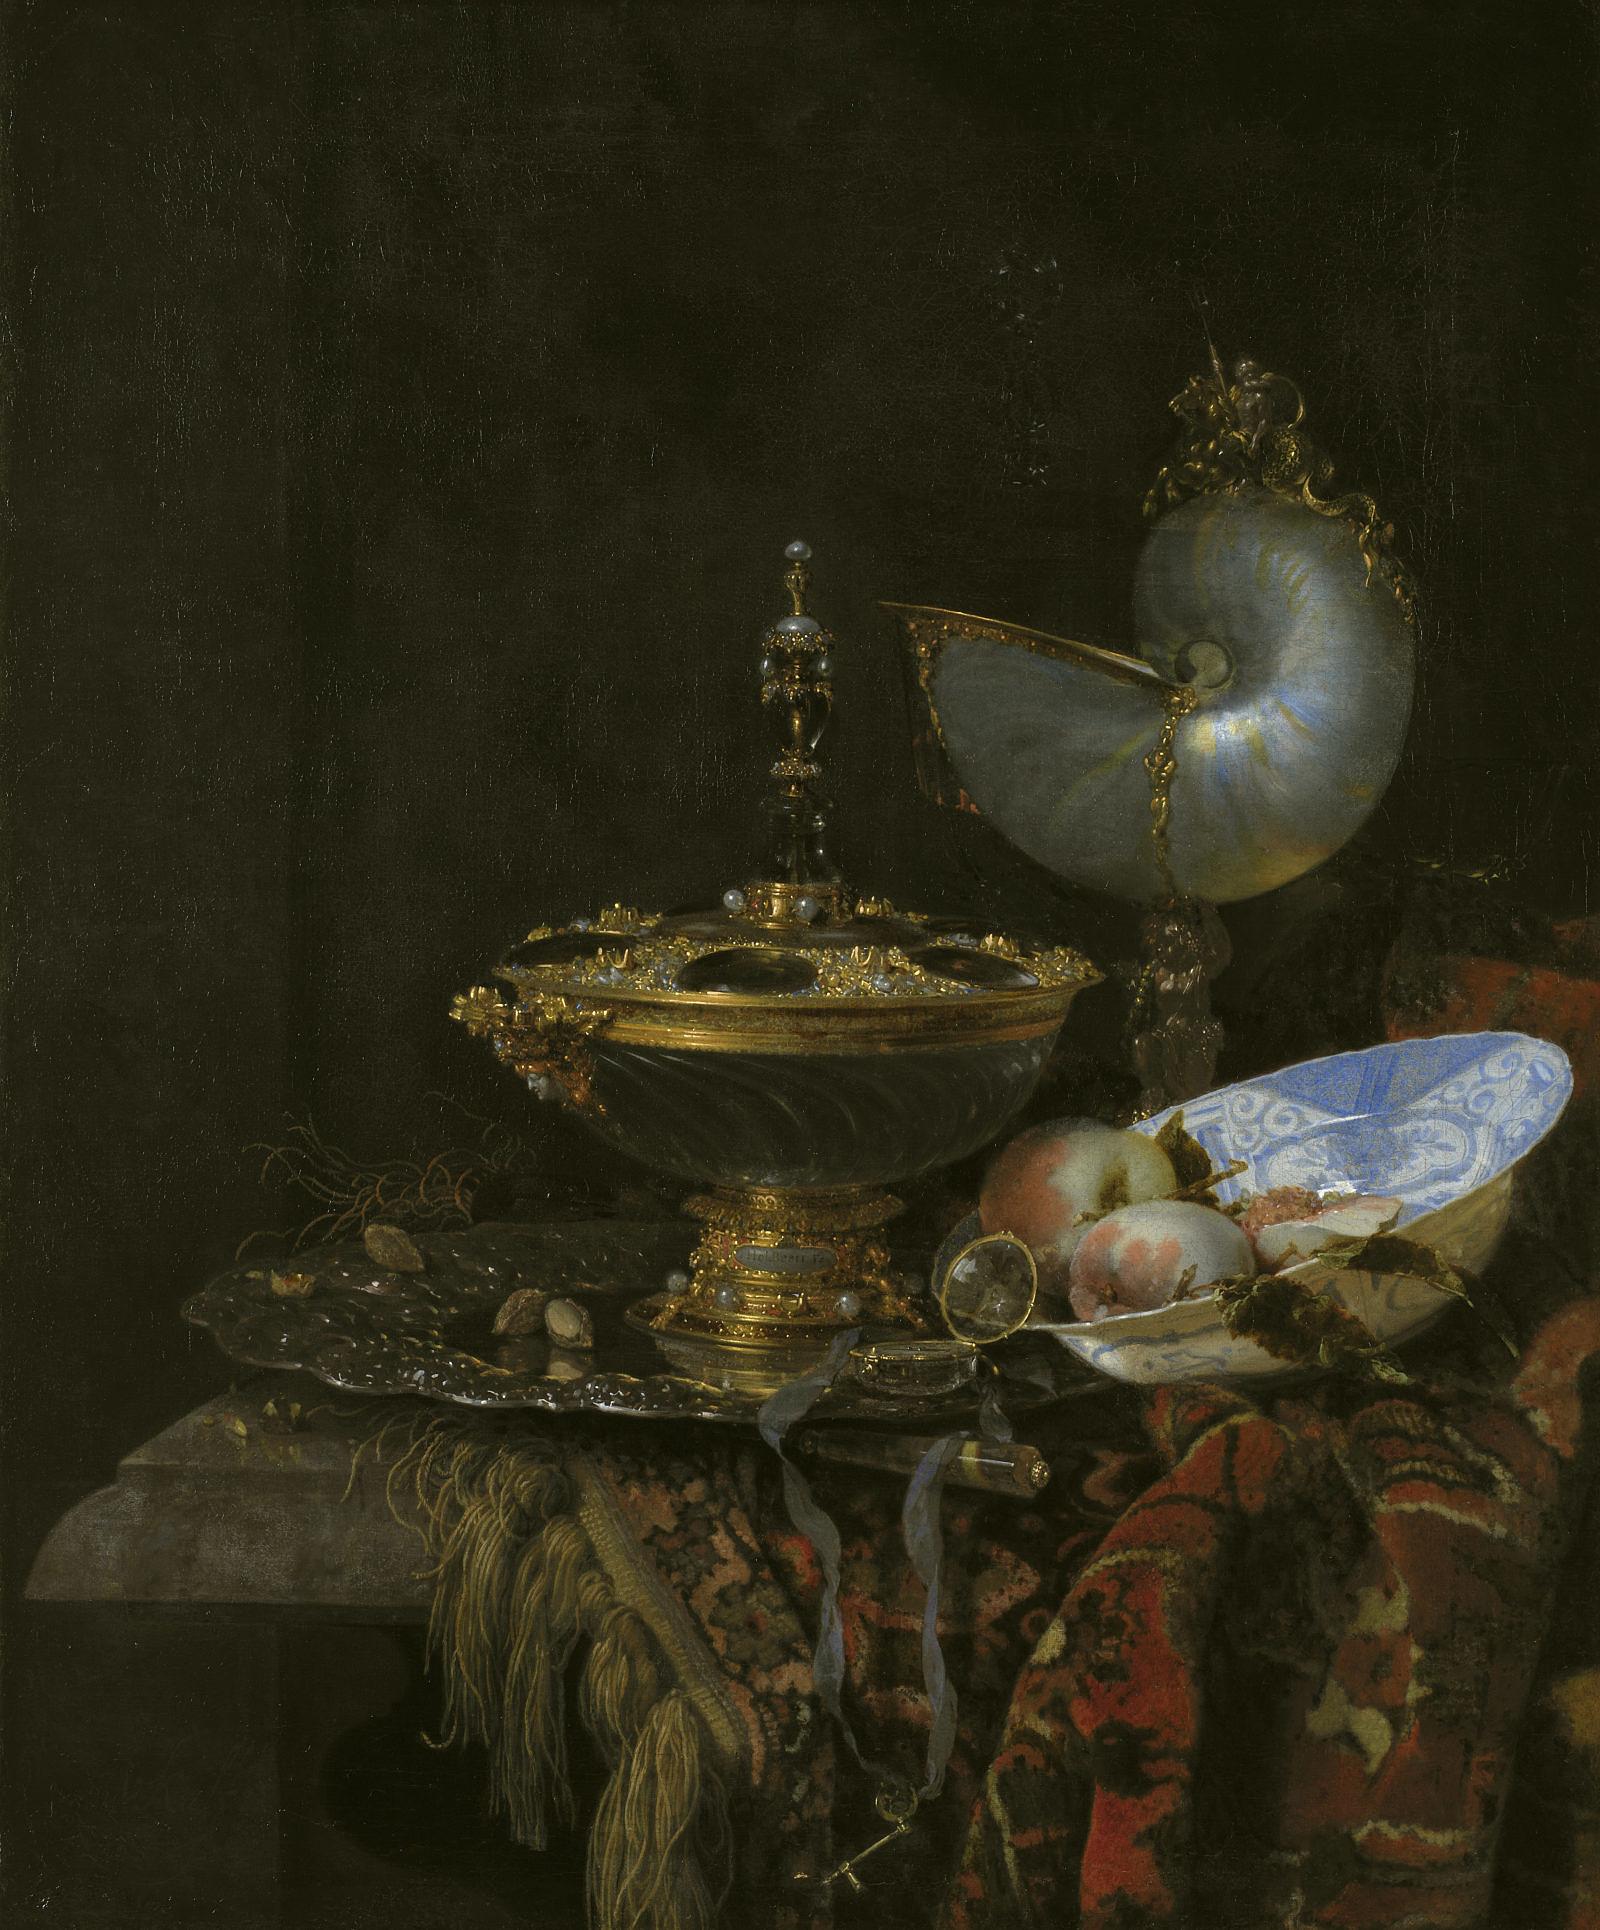 Willem Kalf, Pronk Still Life, 1678, National Gallery of Denmark, Copenhagen, Denmark